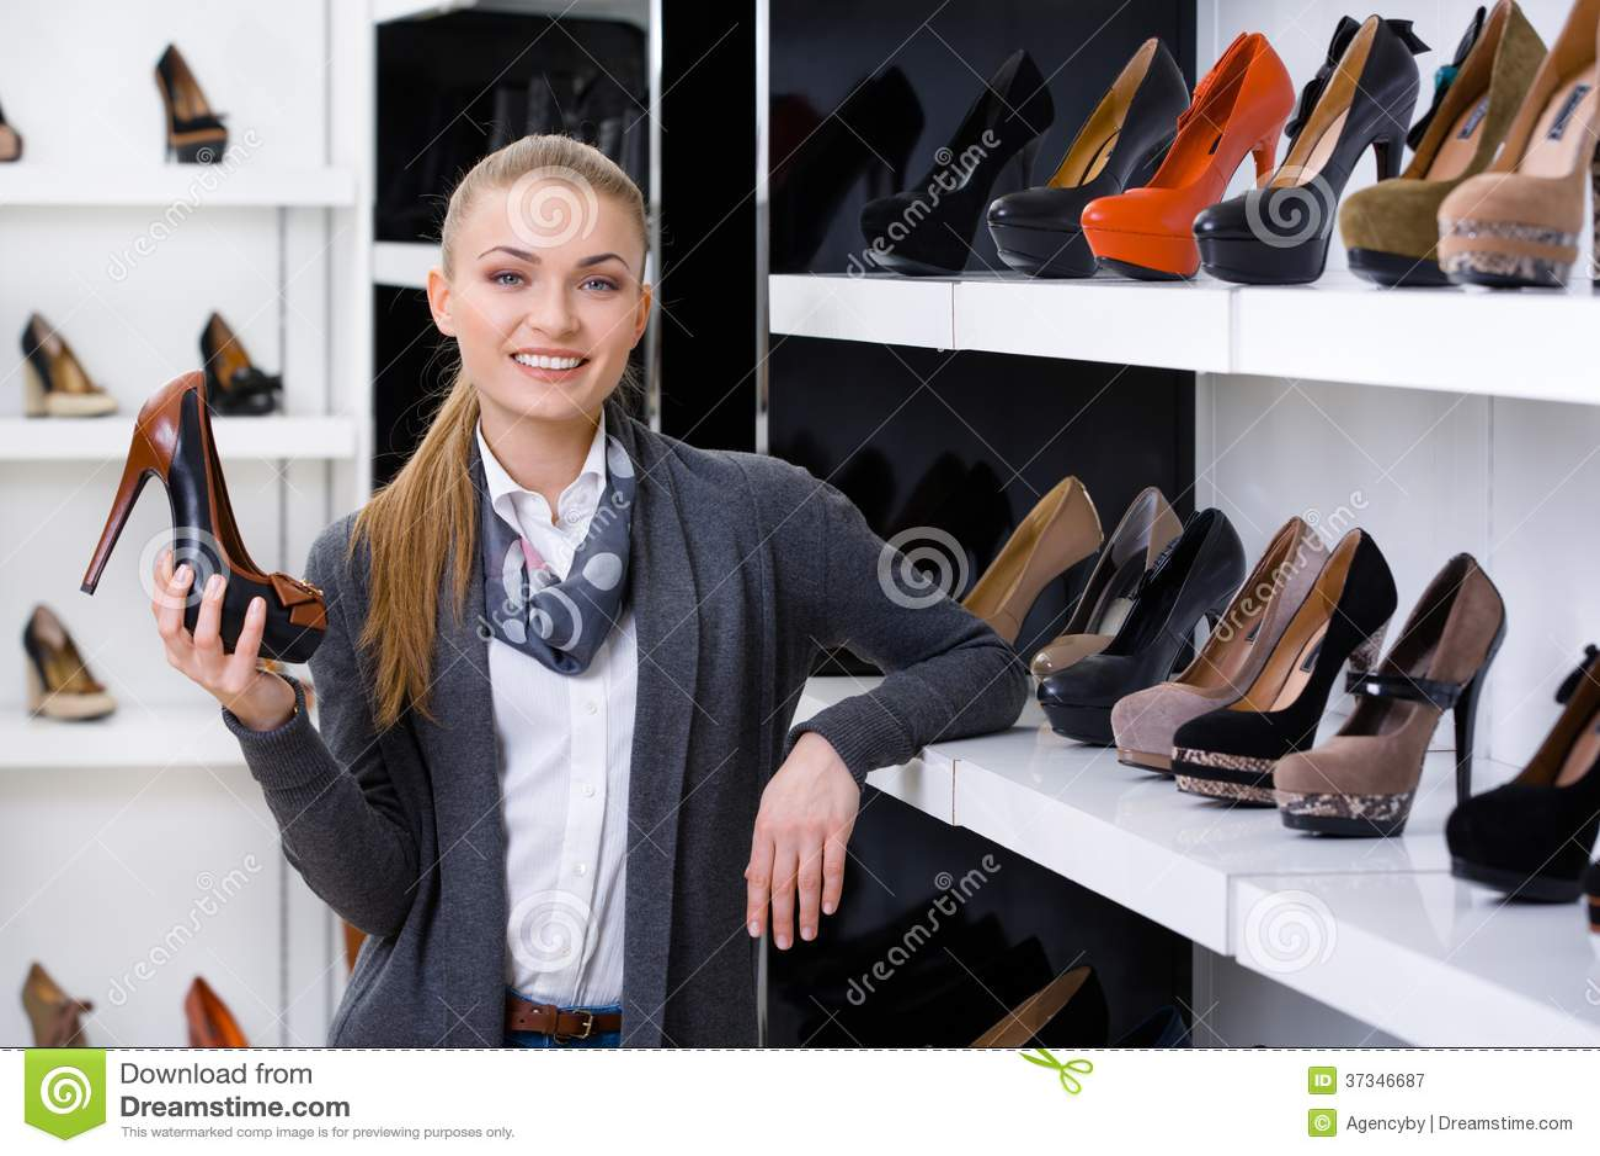 La mujer con el zapato a disposición elige los zapatos de tacón alto